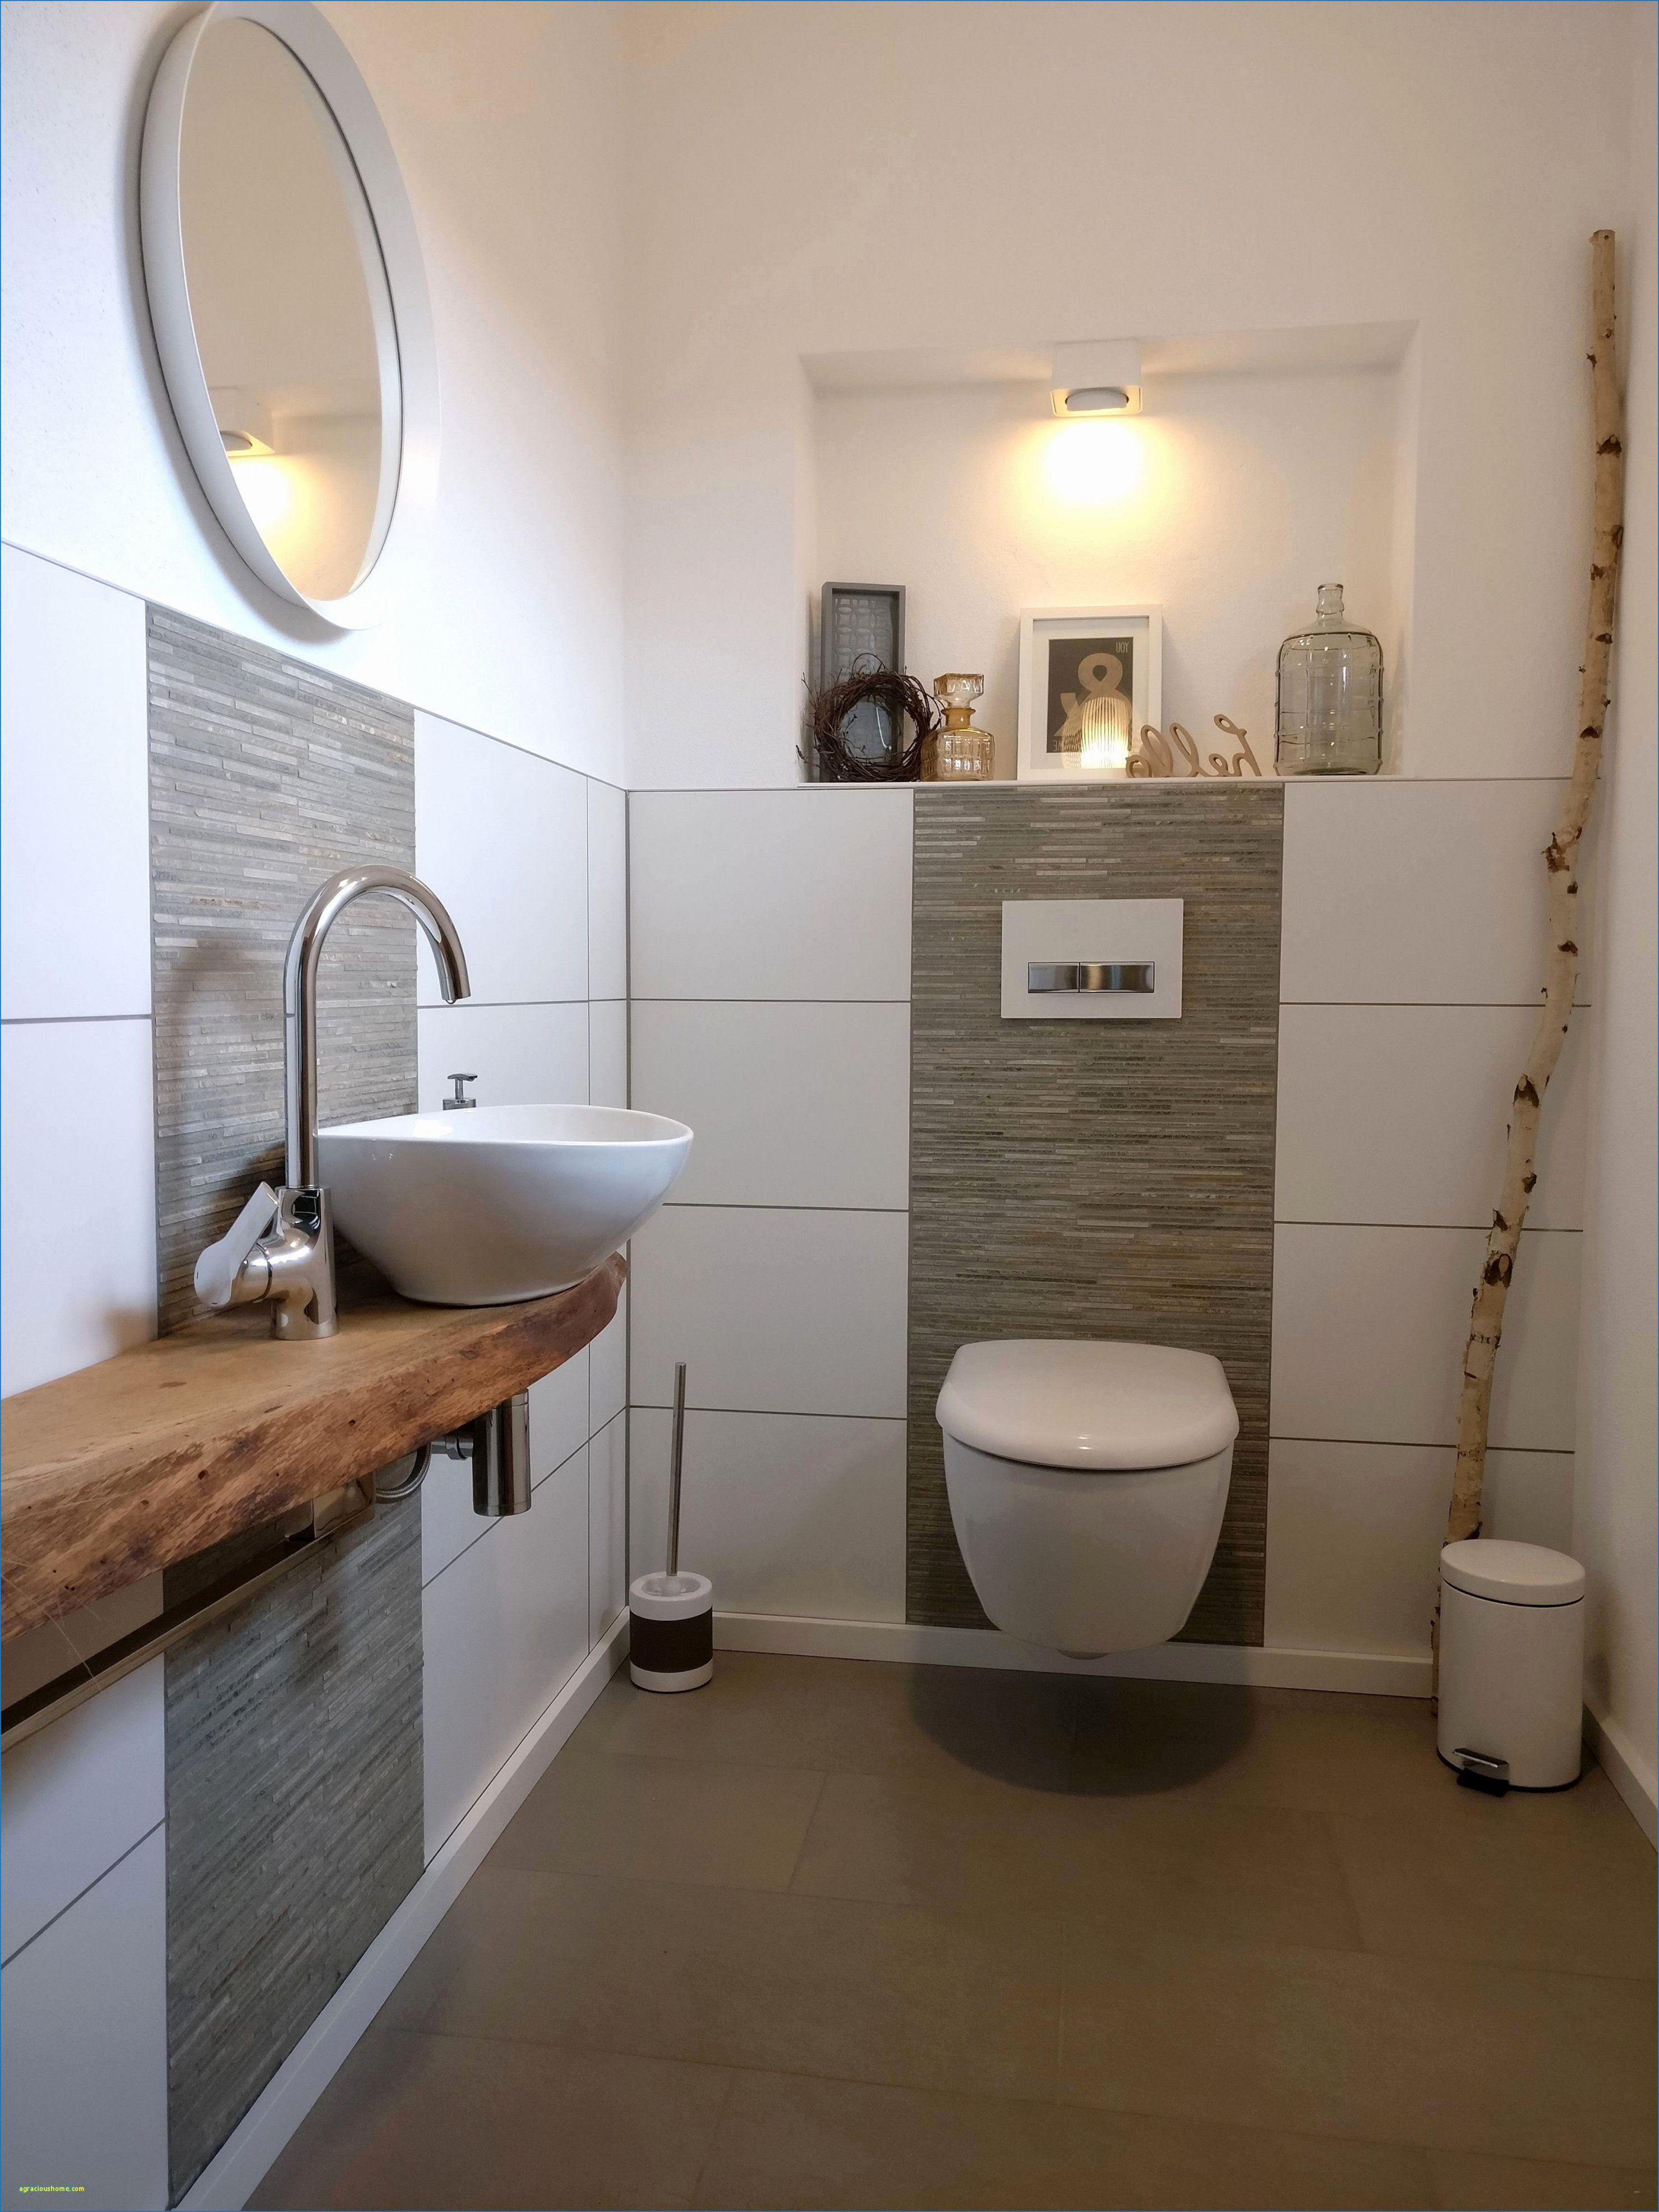 Small Bathrooms Bathroom Ideas From Small Bathroom Renovate Ideas Image Small Bathrooms Bathroom In 2020 Kleines Bad Renovieren Badezimmer Renovieren Bad Renovieren